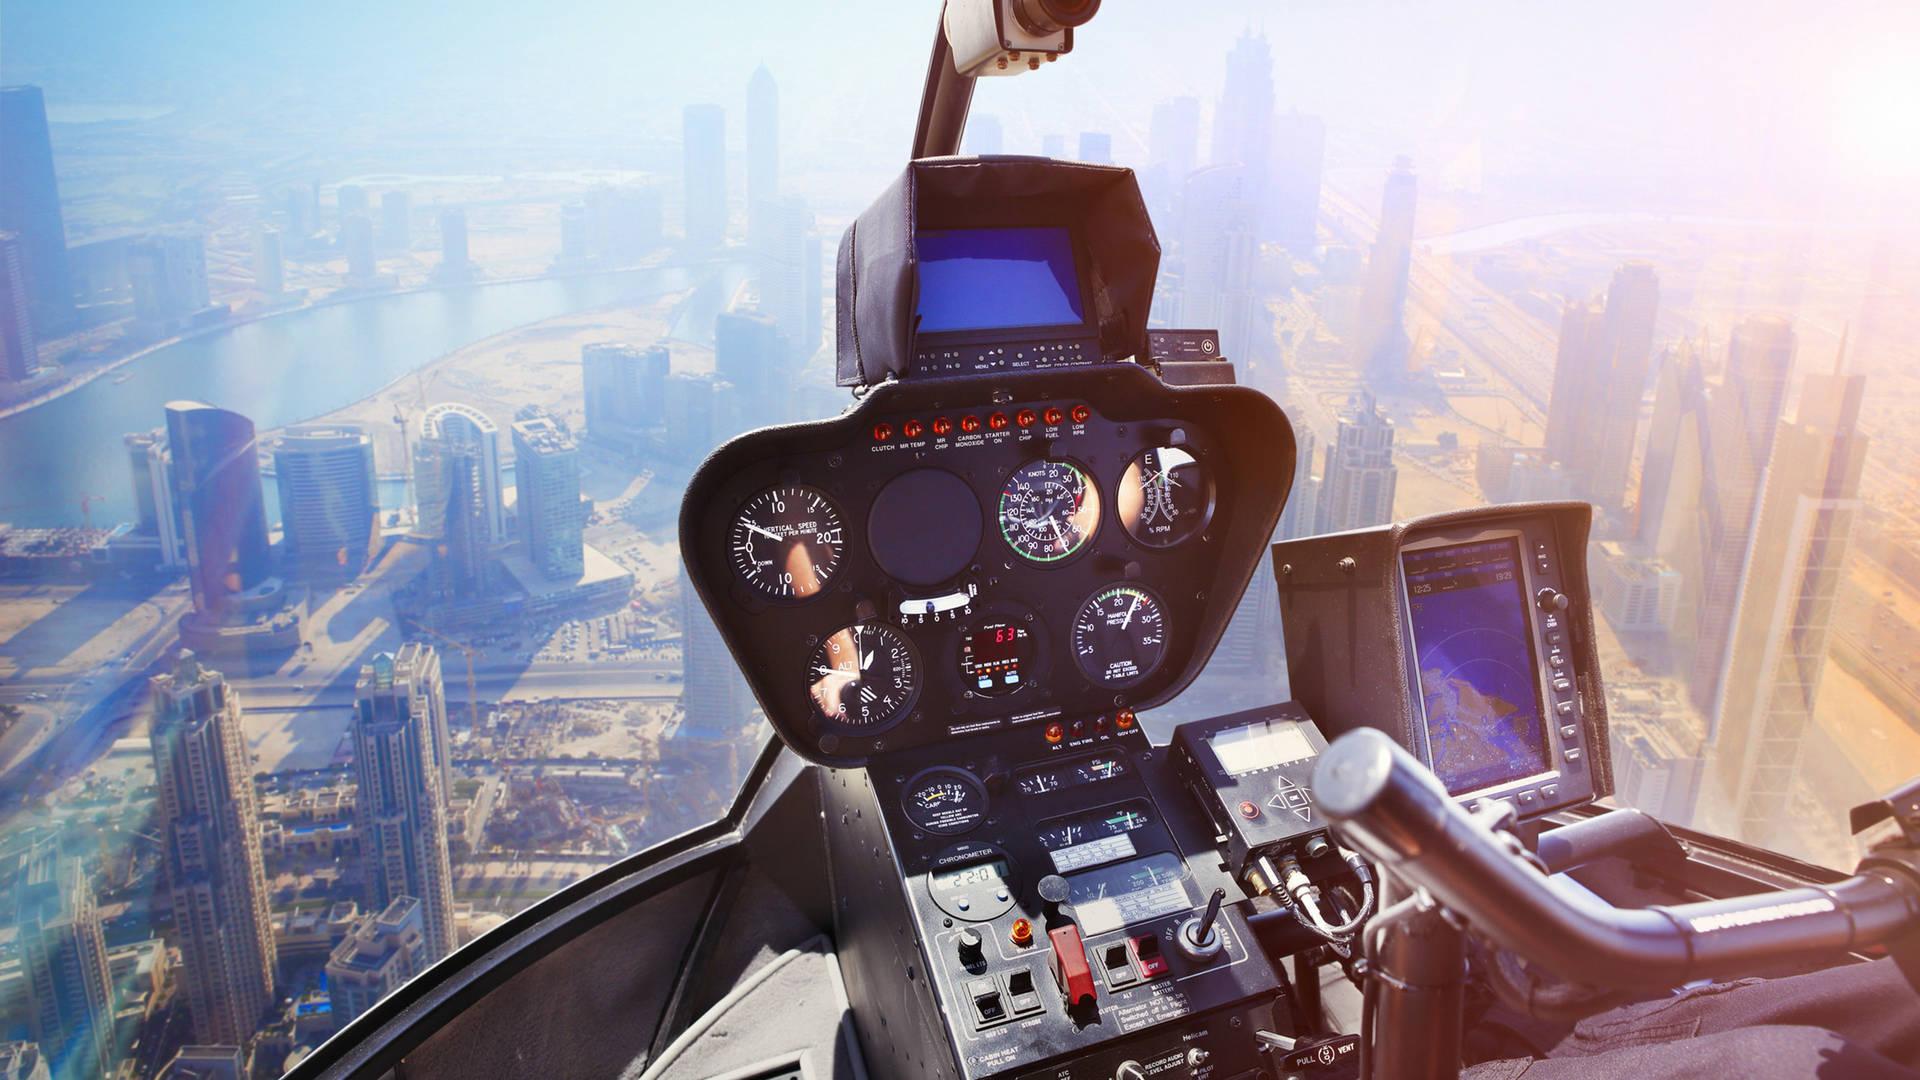 Helicopter flying over Dubai's skyline